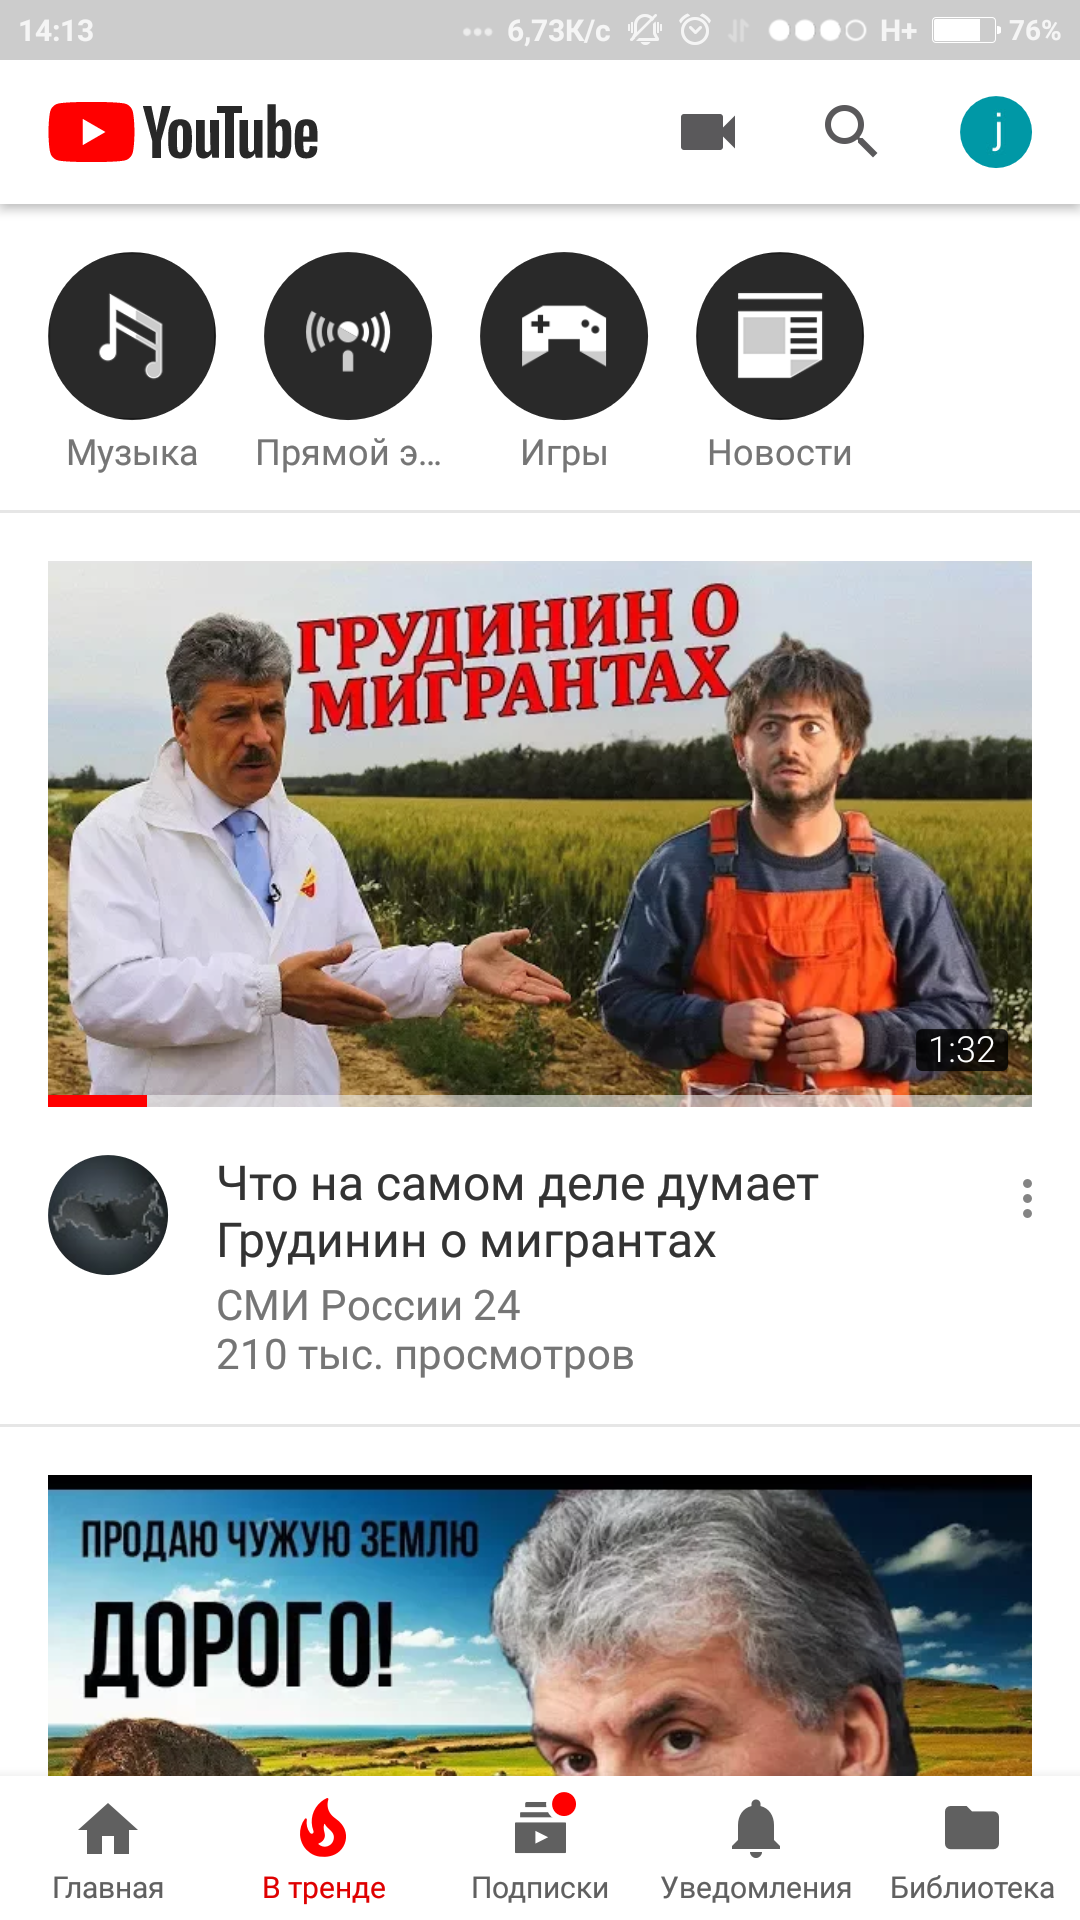 yutube-huy-bolshoy-vlagalishe-rastyanutoe-ot-vsey-sili-foto